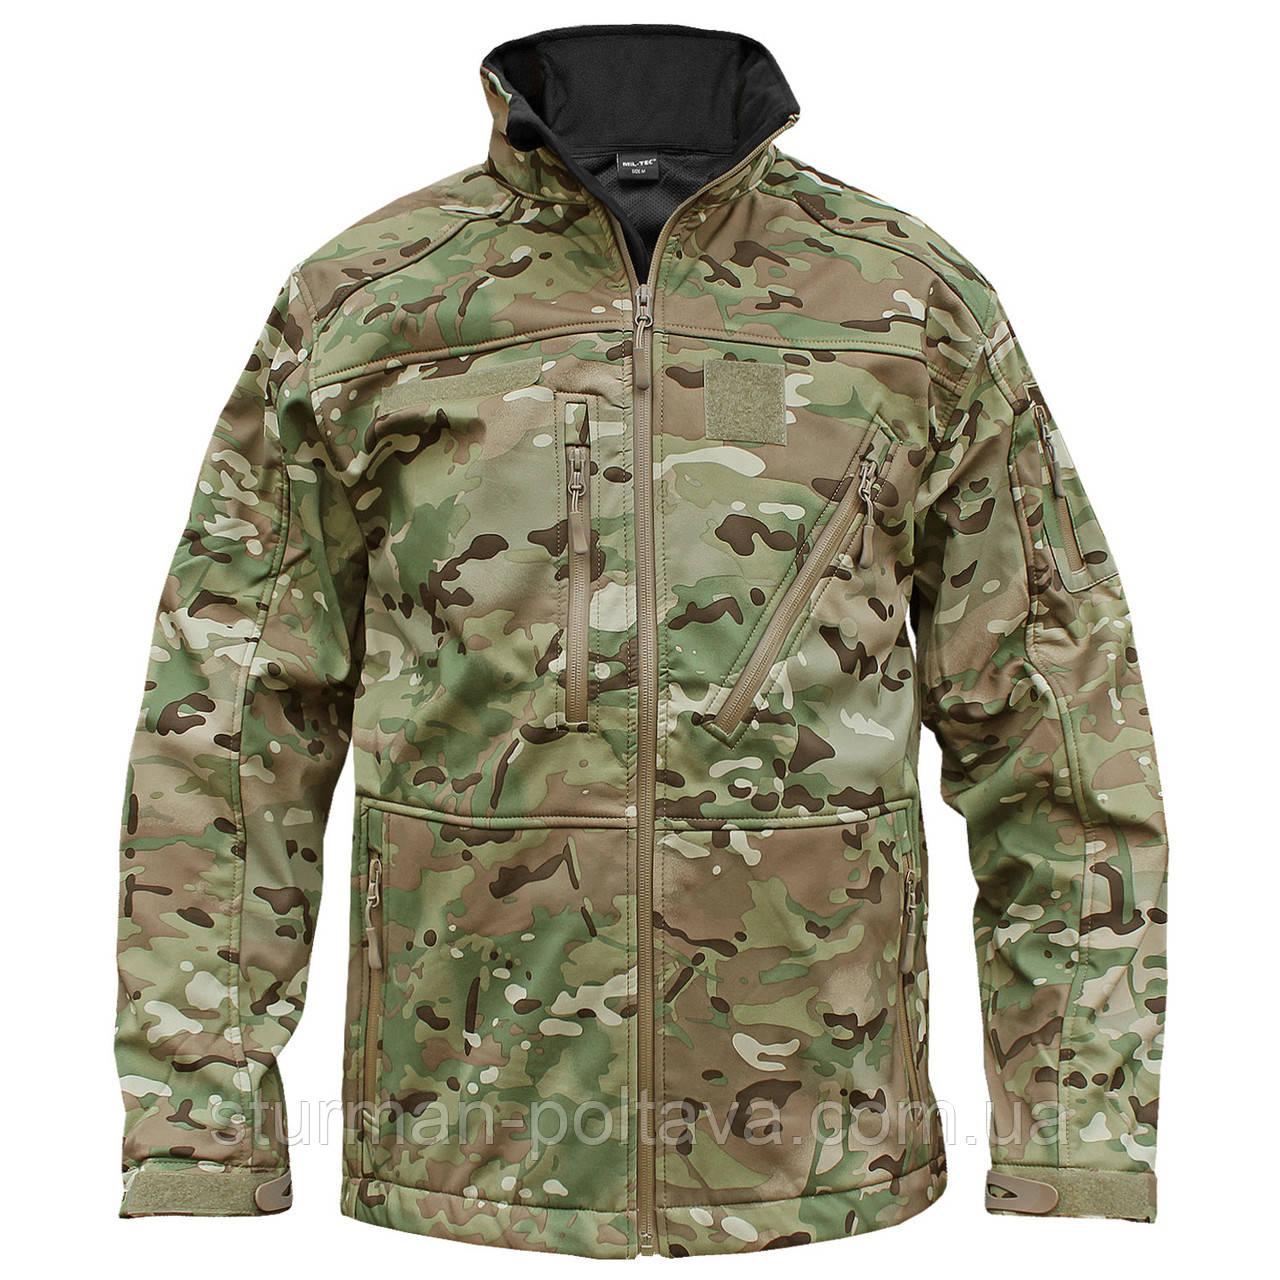 Куртка тактическая  SCU 14  (SOFTSHELL) цвет мультикам  Германия  - Магазин  Штурман  - (Полтава) в Полтаве